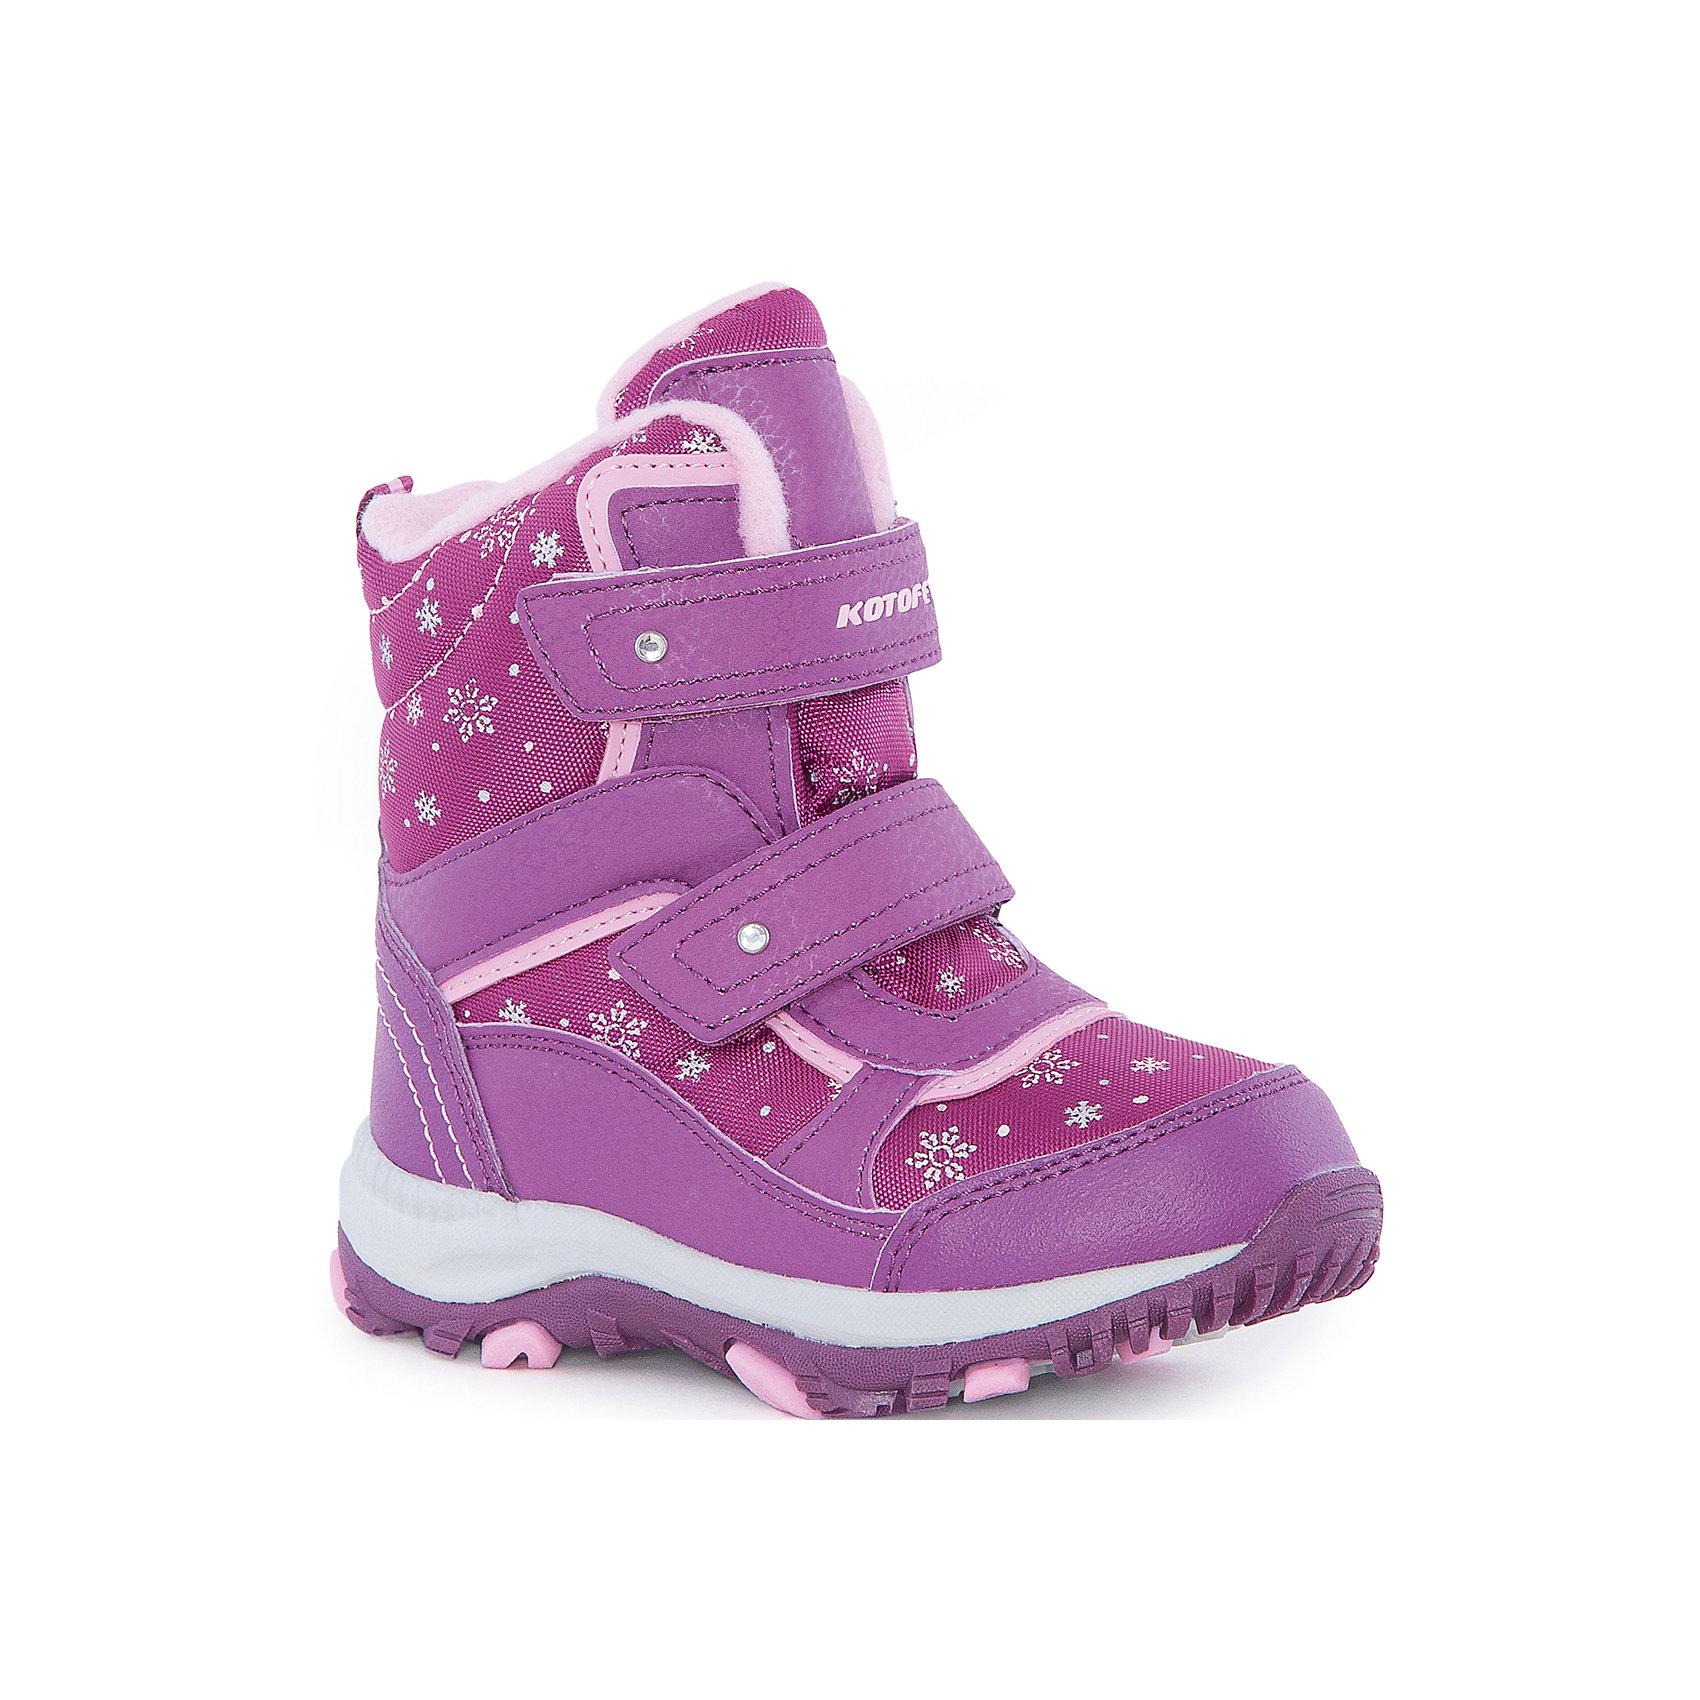 Ботинки  для девочки КотофейБотинки<br>Ботинки  для девочки Котофей.<br><br>Характеристики:<br><br>- Внешний материал: искусственная кожа, текстиль<br>- Внутренний материал: мех шерстяной<br>- Стелька: войлок<br>- Подошва: филон, ТЭП<br>- Тип застежки: липучки<br>- Вид крепления обуви: клеевой<br>- Цвет: бордовый, розовый<br>- Сезон: зима<br>- Температурный режим: от +5 до -15 градусов<br>- Пол: для девочек<br><br>Ботинки торговой марки Котофей понравится абсолютно всем девочкам! Они особенно хороши для активных прогулок. Верх выполнен из влагоотталкивающего текстиля и кожи. Подкладка - из натуральной шерсти, имеется дополнительная стелька из войлока, поэтому ножке в такой обуви тепло и уютно. Между материалами верха и подклада вшит специальный мембранный материал, отталкивающий влагу, но позволяющий ногам дышать. Мыс защищен. Гибкая, широкая, клеевая подошва с рельефным протектором обеспечит превосходное сцепление с поверхностью. Снижение ударной нагрузки и повышенную устойчивость обеспечивает в подошве слой из материала филон, который часто используется в спортивной обуви. Вторая часть подошвы из термоэластопласта (ТЭП) – пластичного материала, отлично амортизирующего при шаге, не теряющего своих свойств при понижении температур, предотвращающего скольжение. Два ремня с липучкой позволяют не только быстро обувать и снимать ботинки, но и обеспечивают плотное прилегание обуви к стопе. Детская обувь «Котофей» качественна, красива, добротна, комфортна и долговечна. Она производится на Егорьевской обувной фабрике. Жесткий контроль производства и постоянное совершенствование технологий при многолетнем опыте позволяют считать компанию одним из лидеров среди отечественных производителей детской обуви.<br><br>Ботинки  для девочки Котофей можно купить в нашем интернет-магазине.<br><br>Ширина мм: 262<br>Глубина мм: 176<br>Высота мм: 97<br>Вес г: 427<br>Цвет: разноцветный<br>Возраст от месяцев: 72<br>Возраст до месяцев: 84<br>Пол: Женский<br>Возраст: Детский<br>Размер: 30,26,